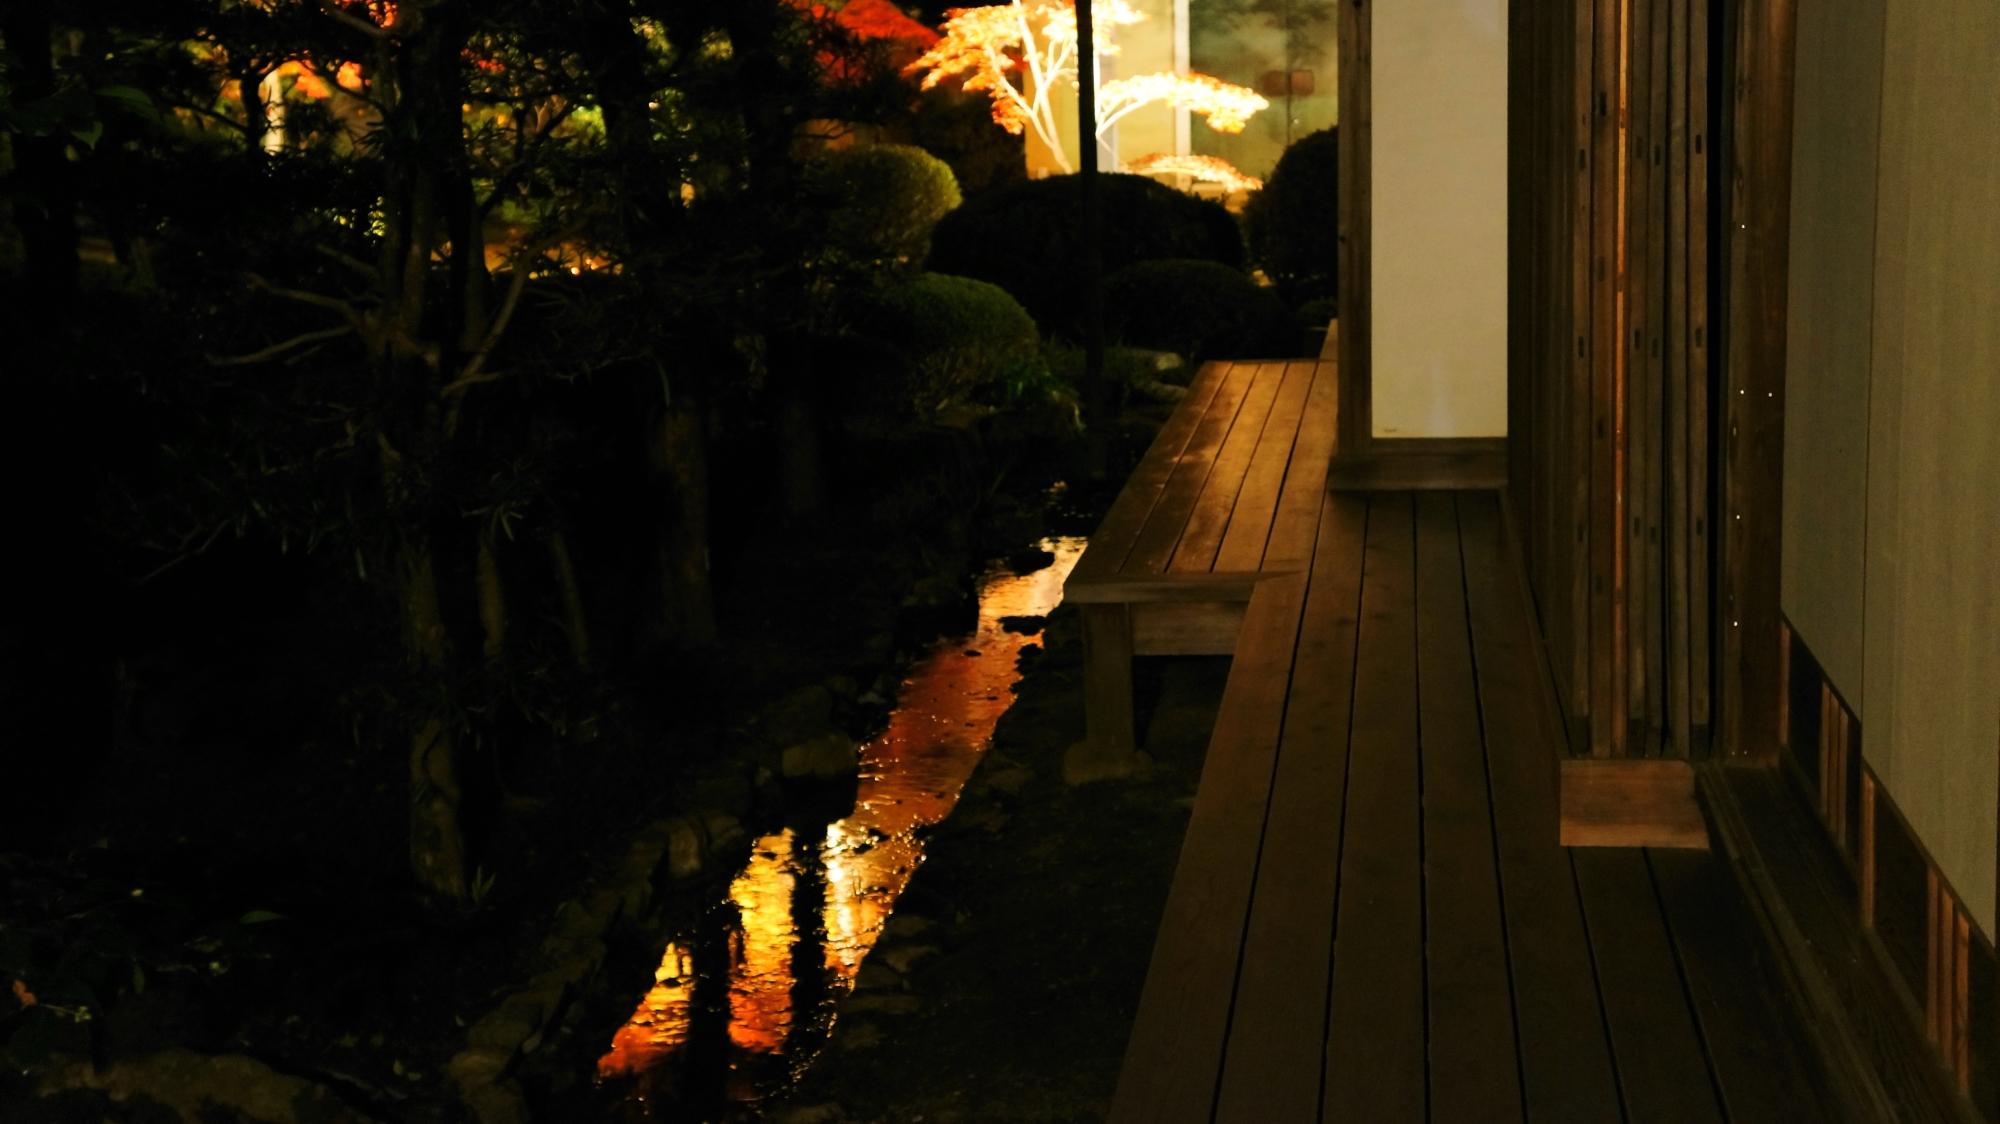 随心院の書院周辺の小さな水路に映るライトアップされた紅葉の水鏡